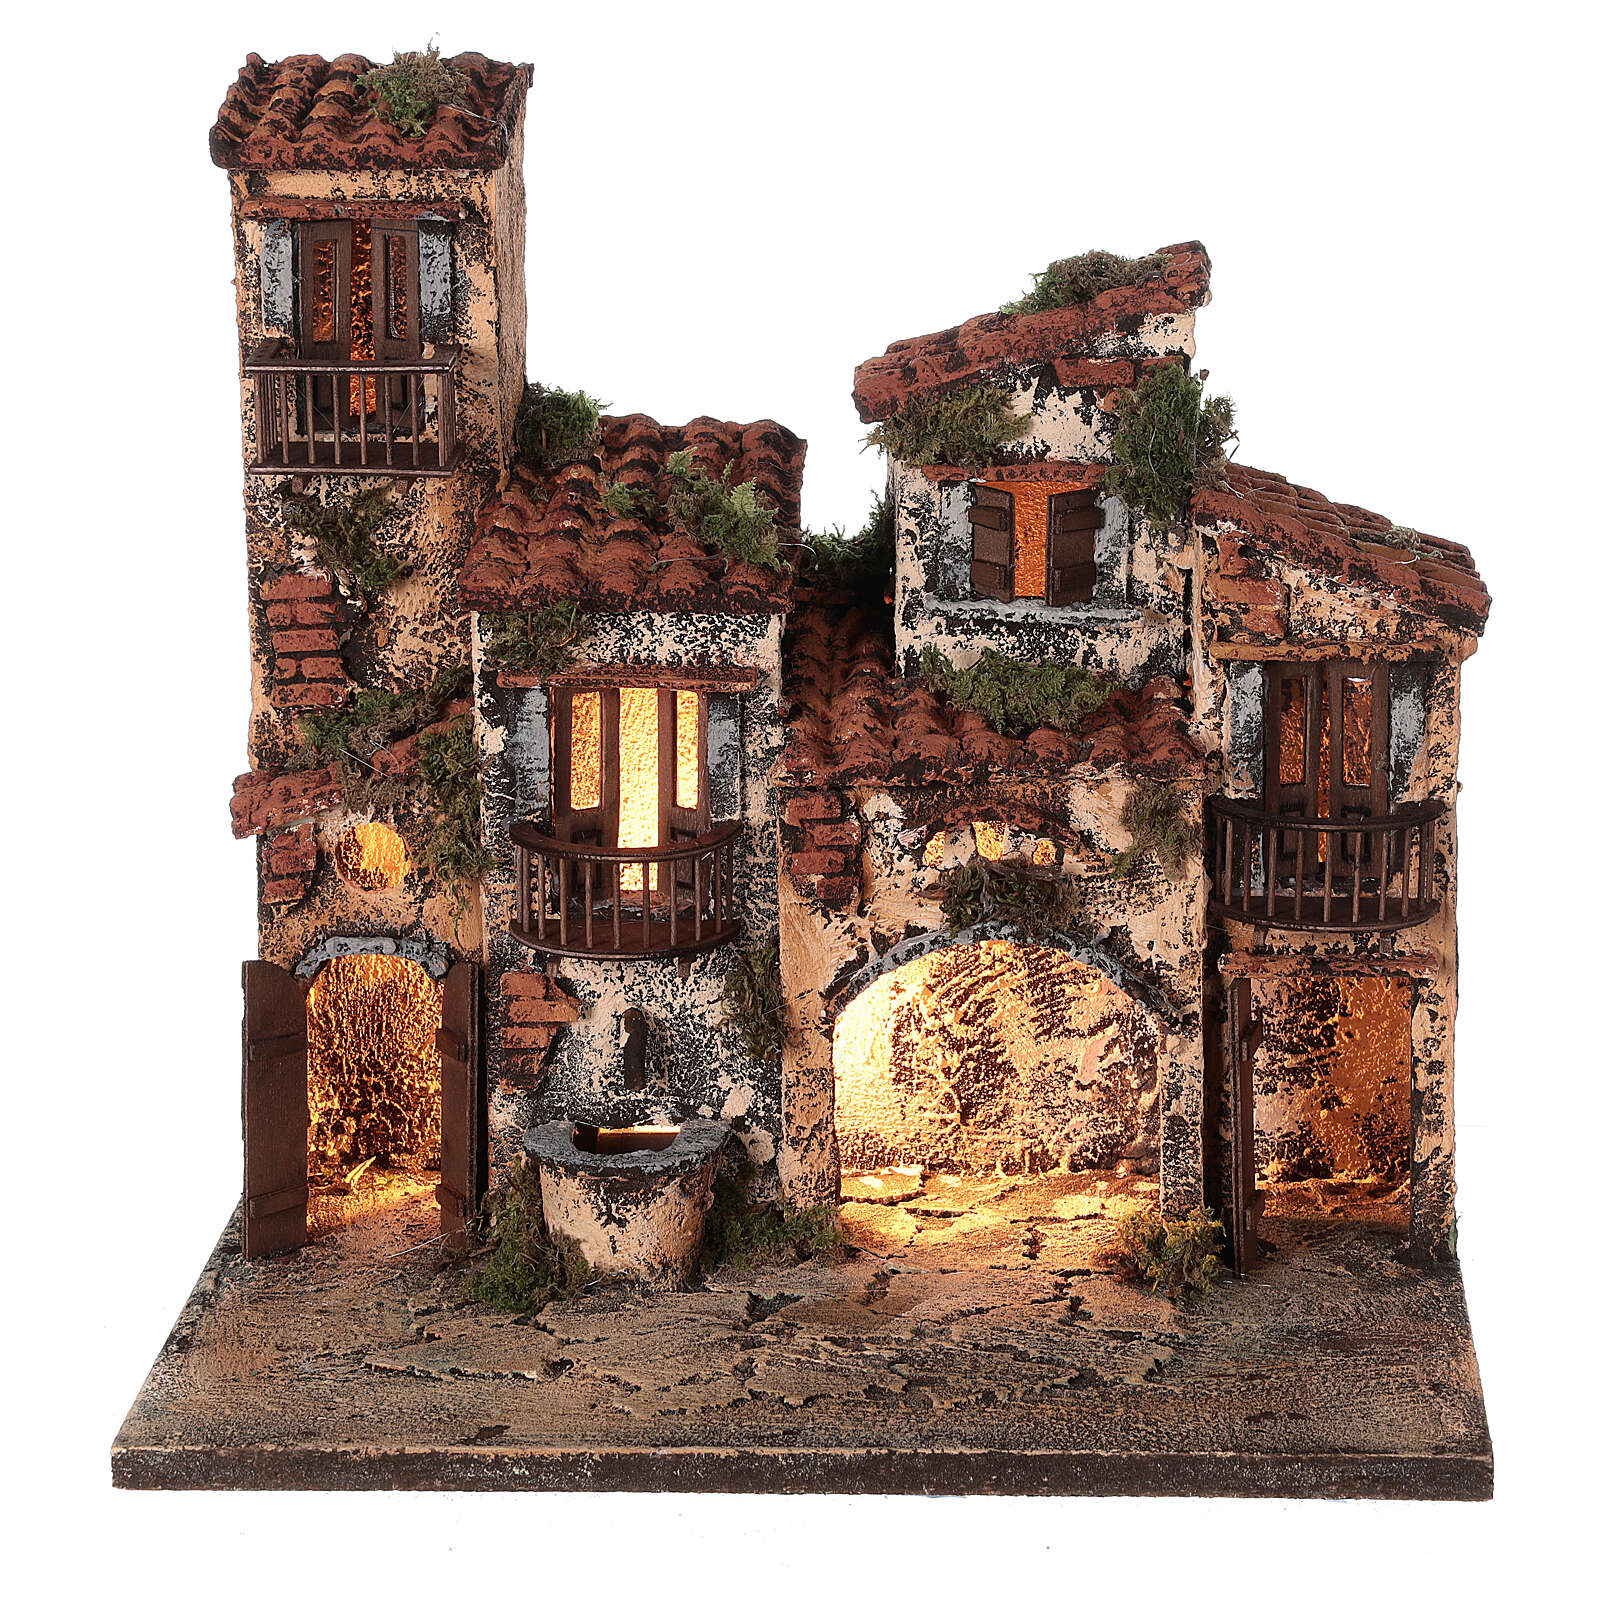 Borgo presepe napoletano completo illuminato fontanella 30x35x25 statue 6 cm  4